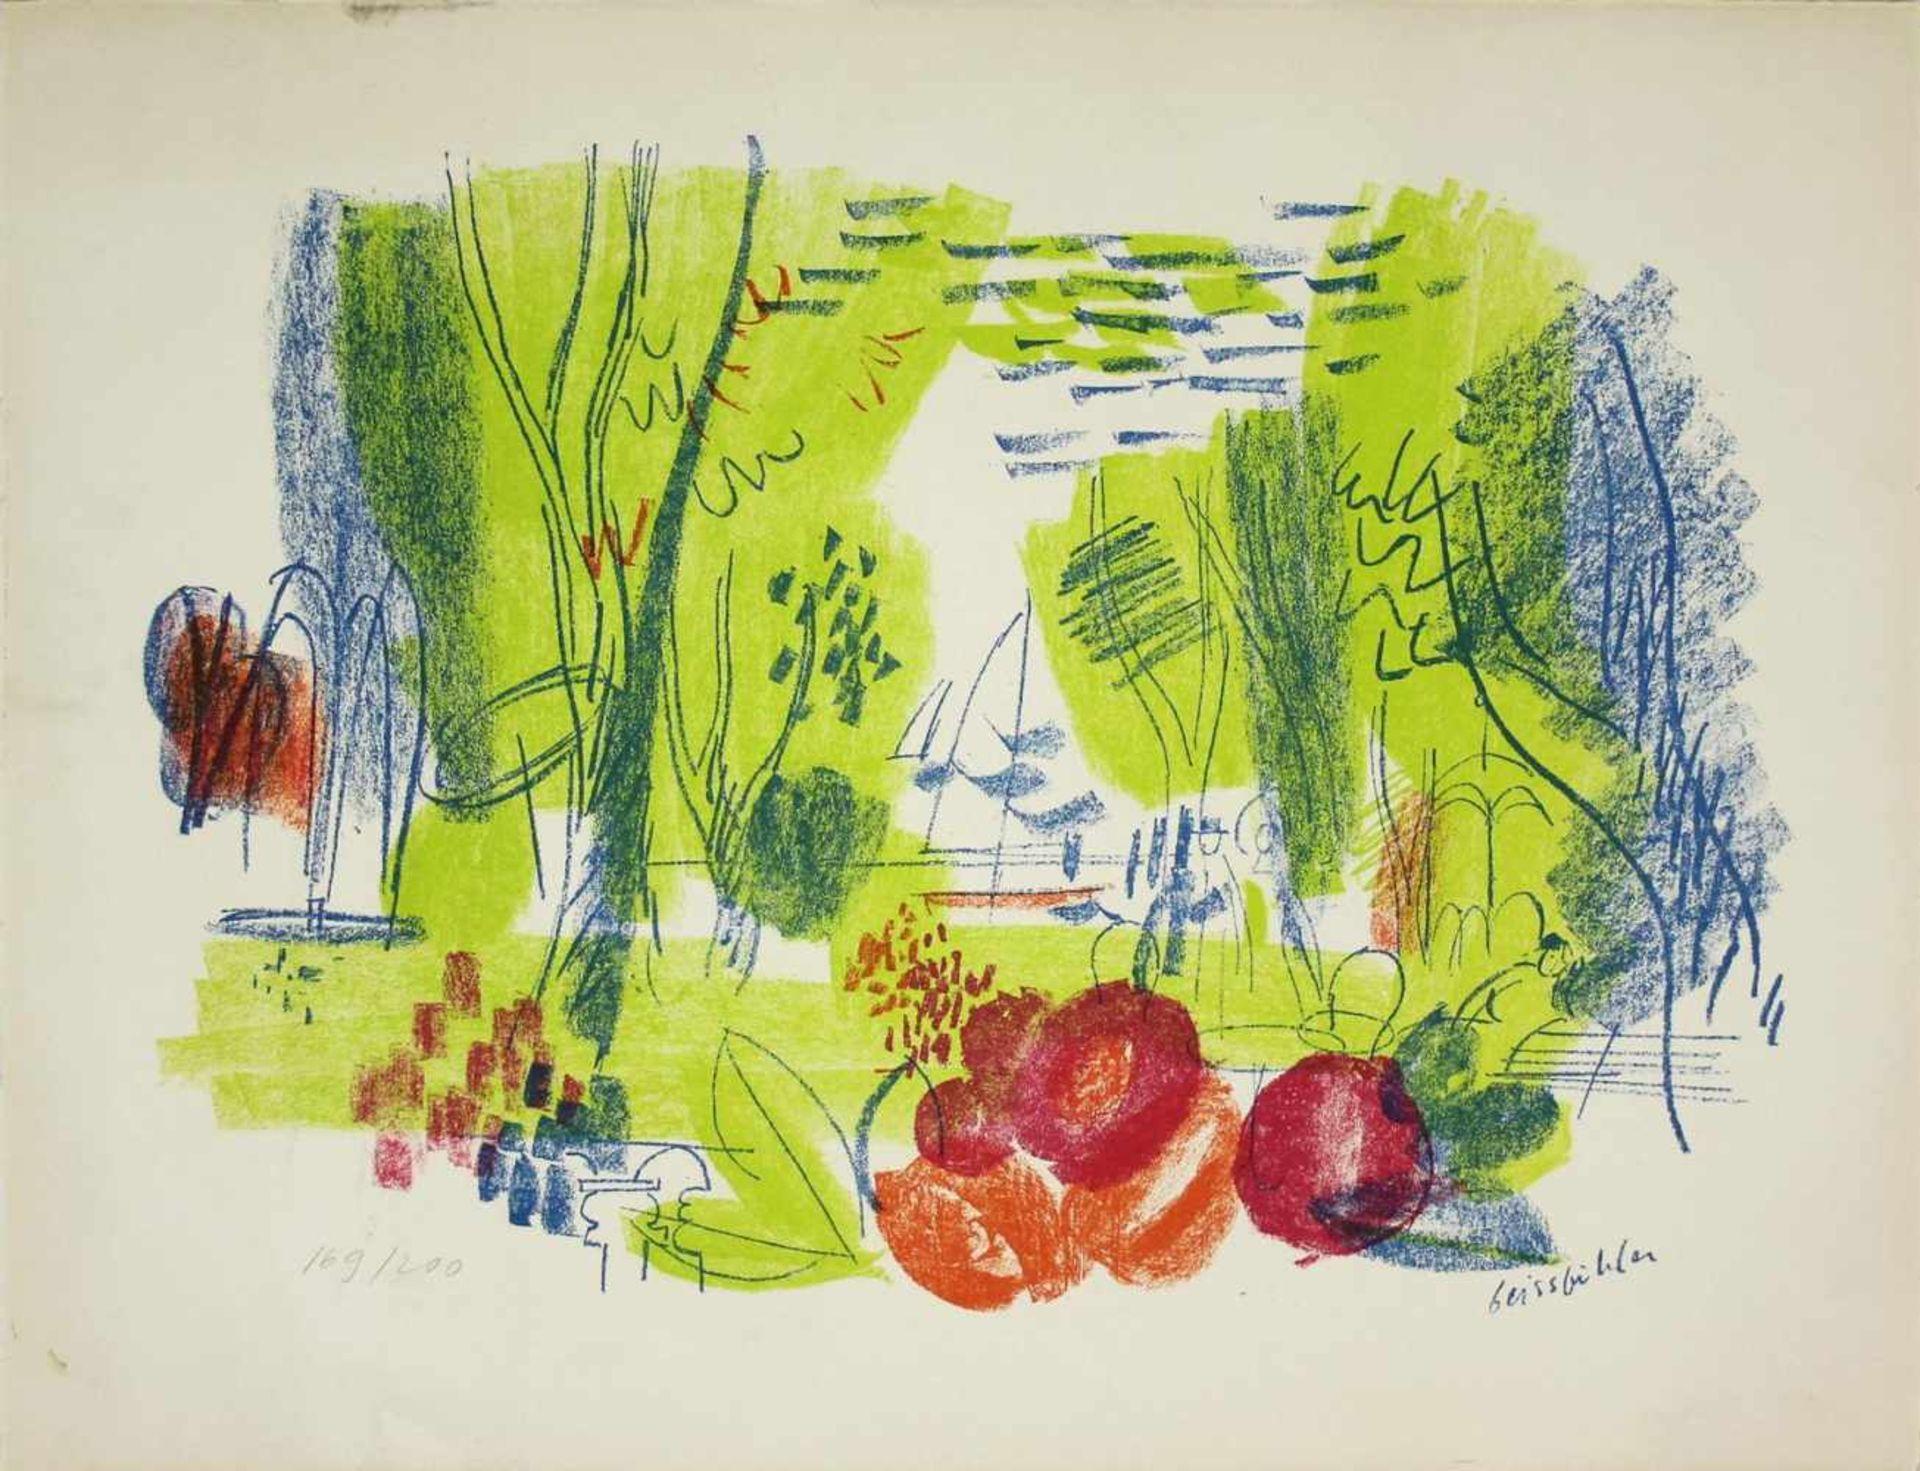 Geisbichler Landschaft Lithographie Signatur in Druckplatte, nummeriert 169/200 50 x 65 cm